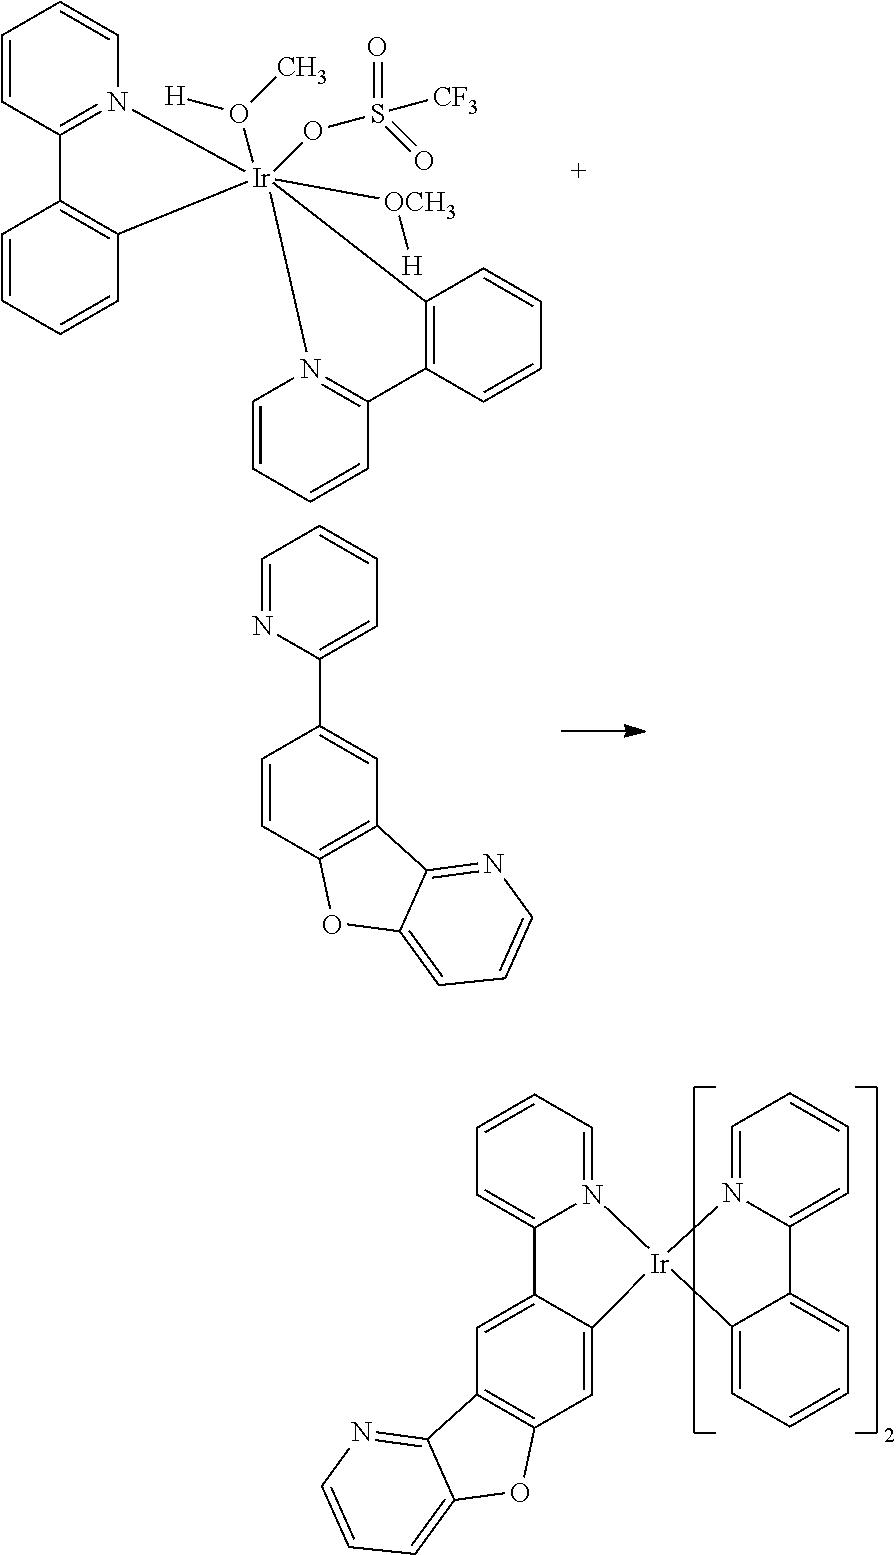 Figure US09634264-20170425-C00295